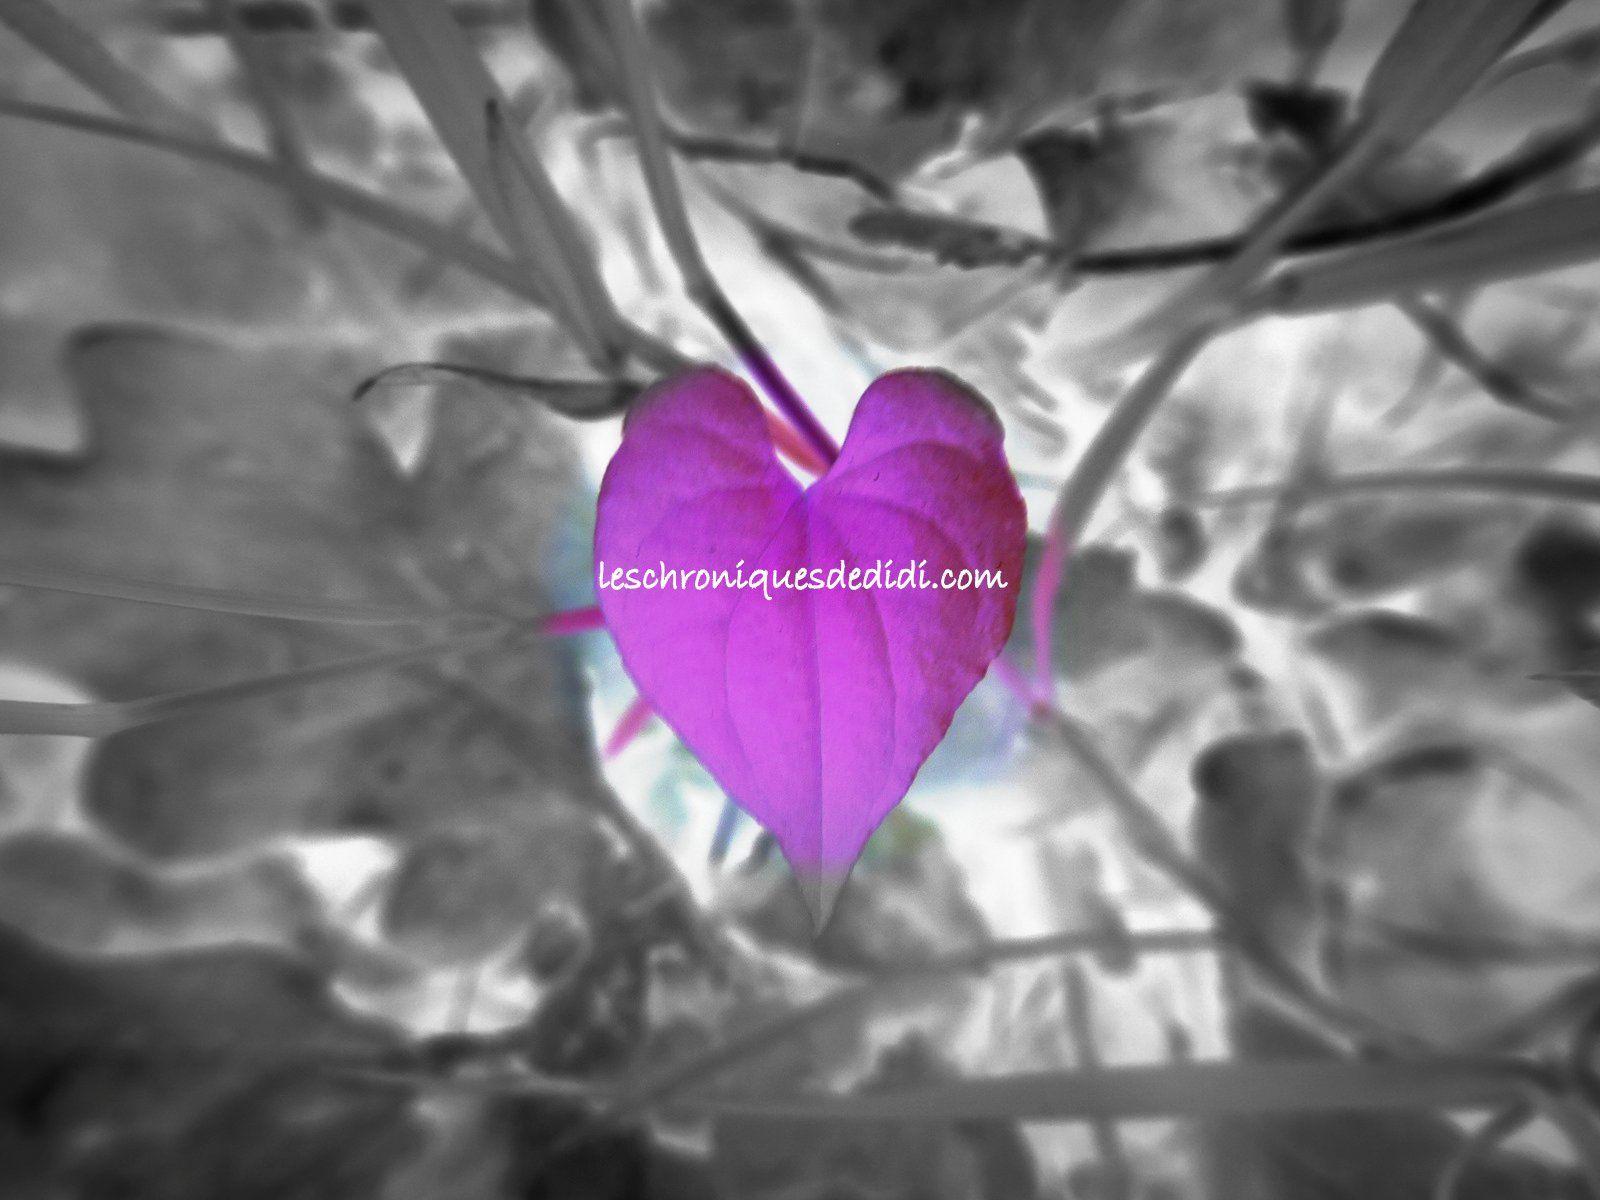 Je t'aime un peu, beaucoup, passionnément... à la Valentin